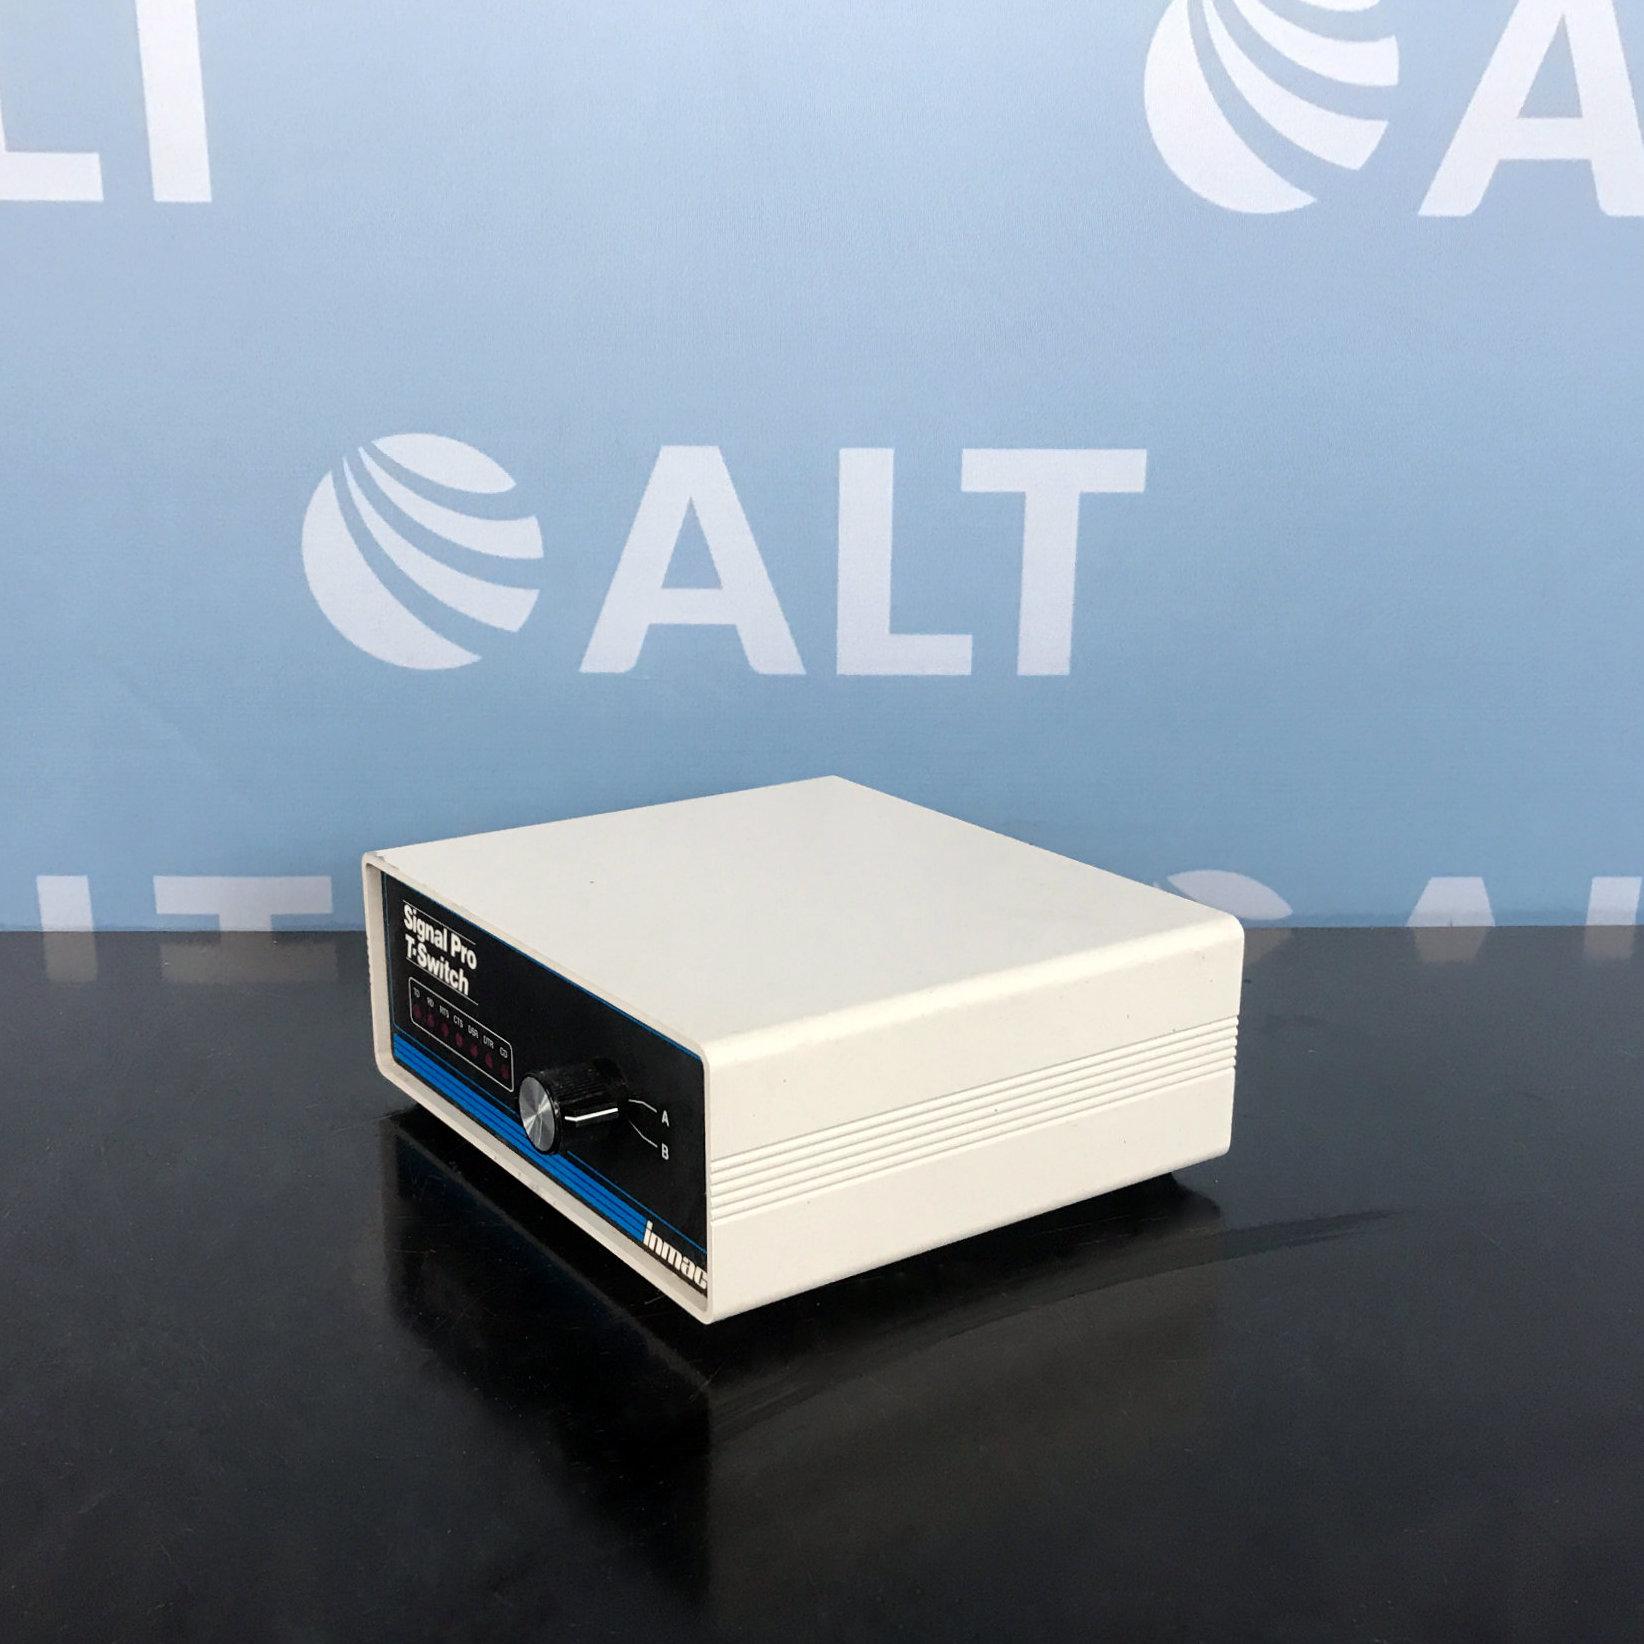 Inmac Signal Pro T-Switch Box 2 Device Image